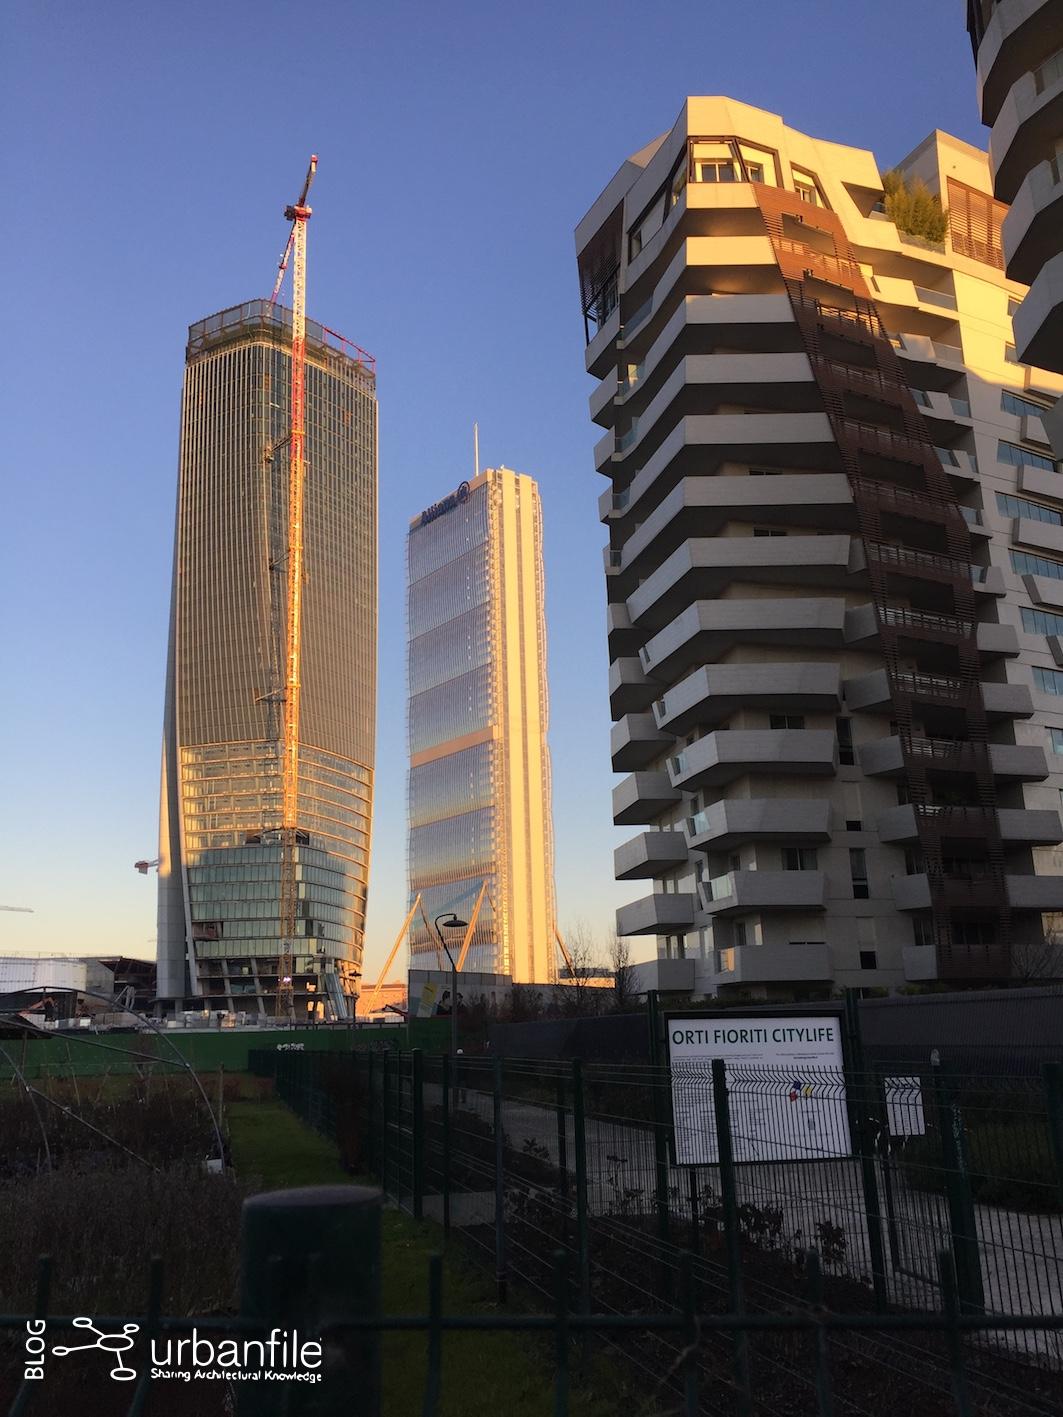 Milano tre torri cantiere citylife inizio gennaio for Prezzi city life milano